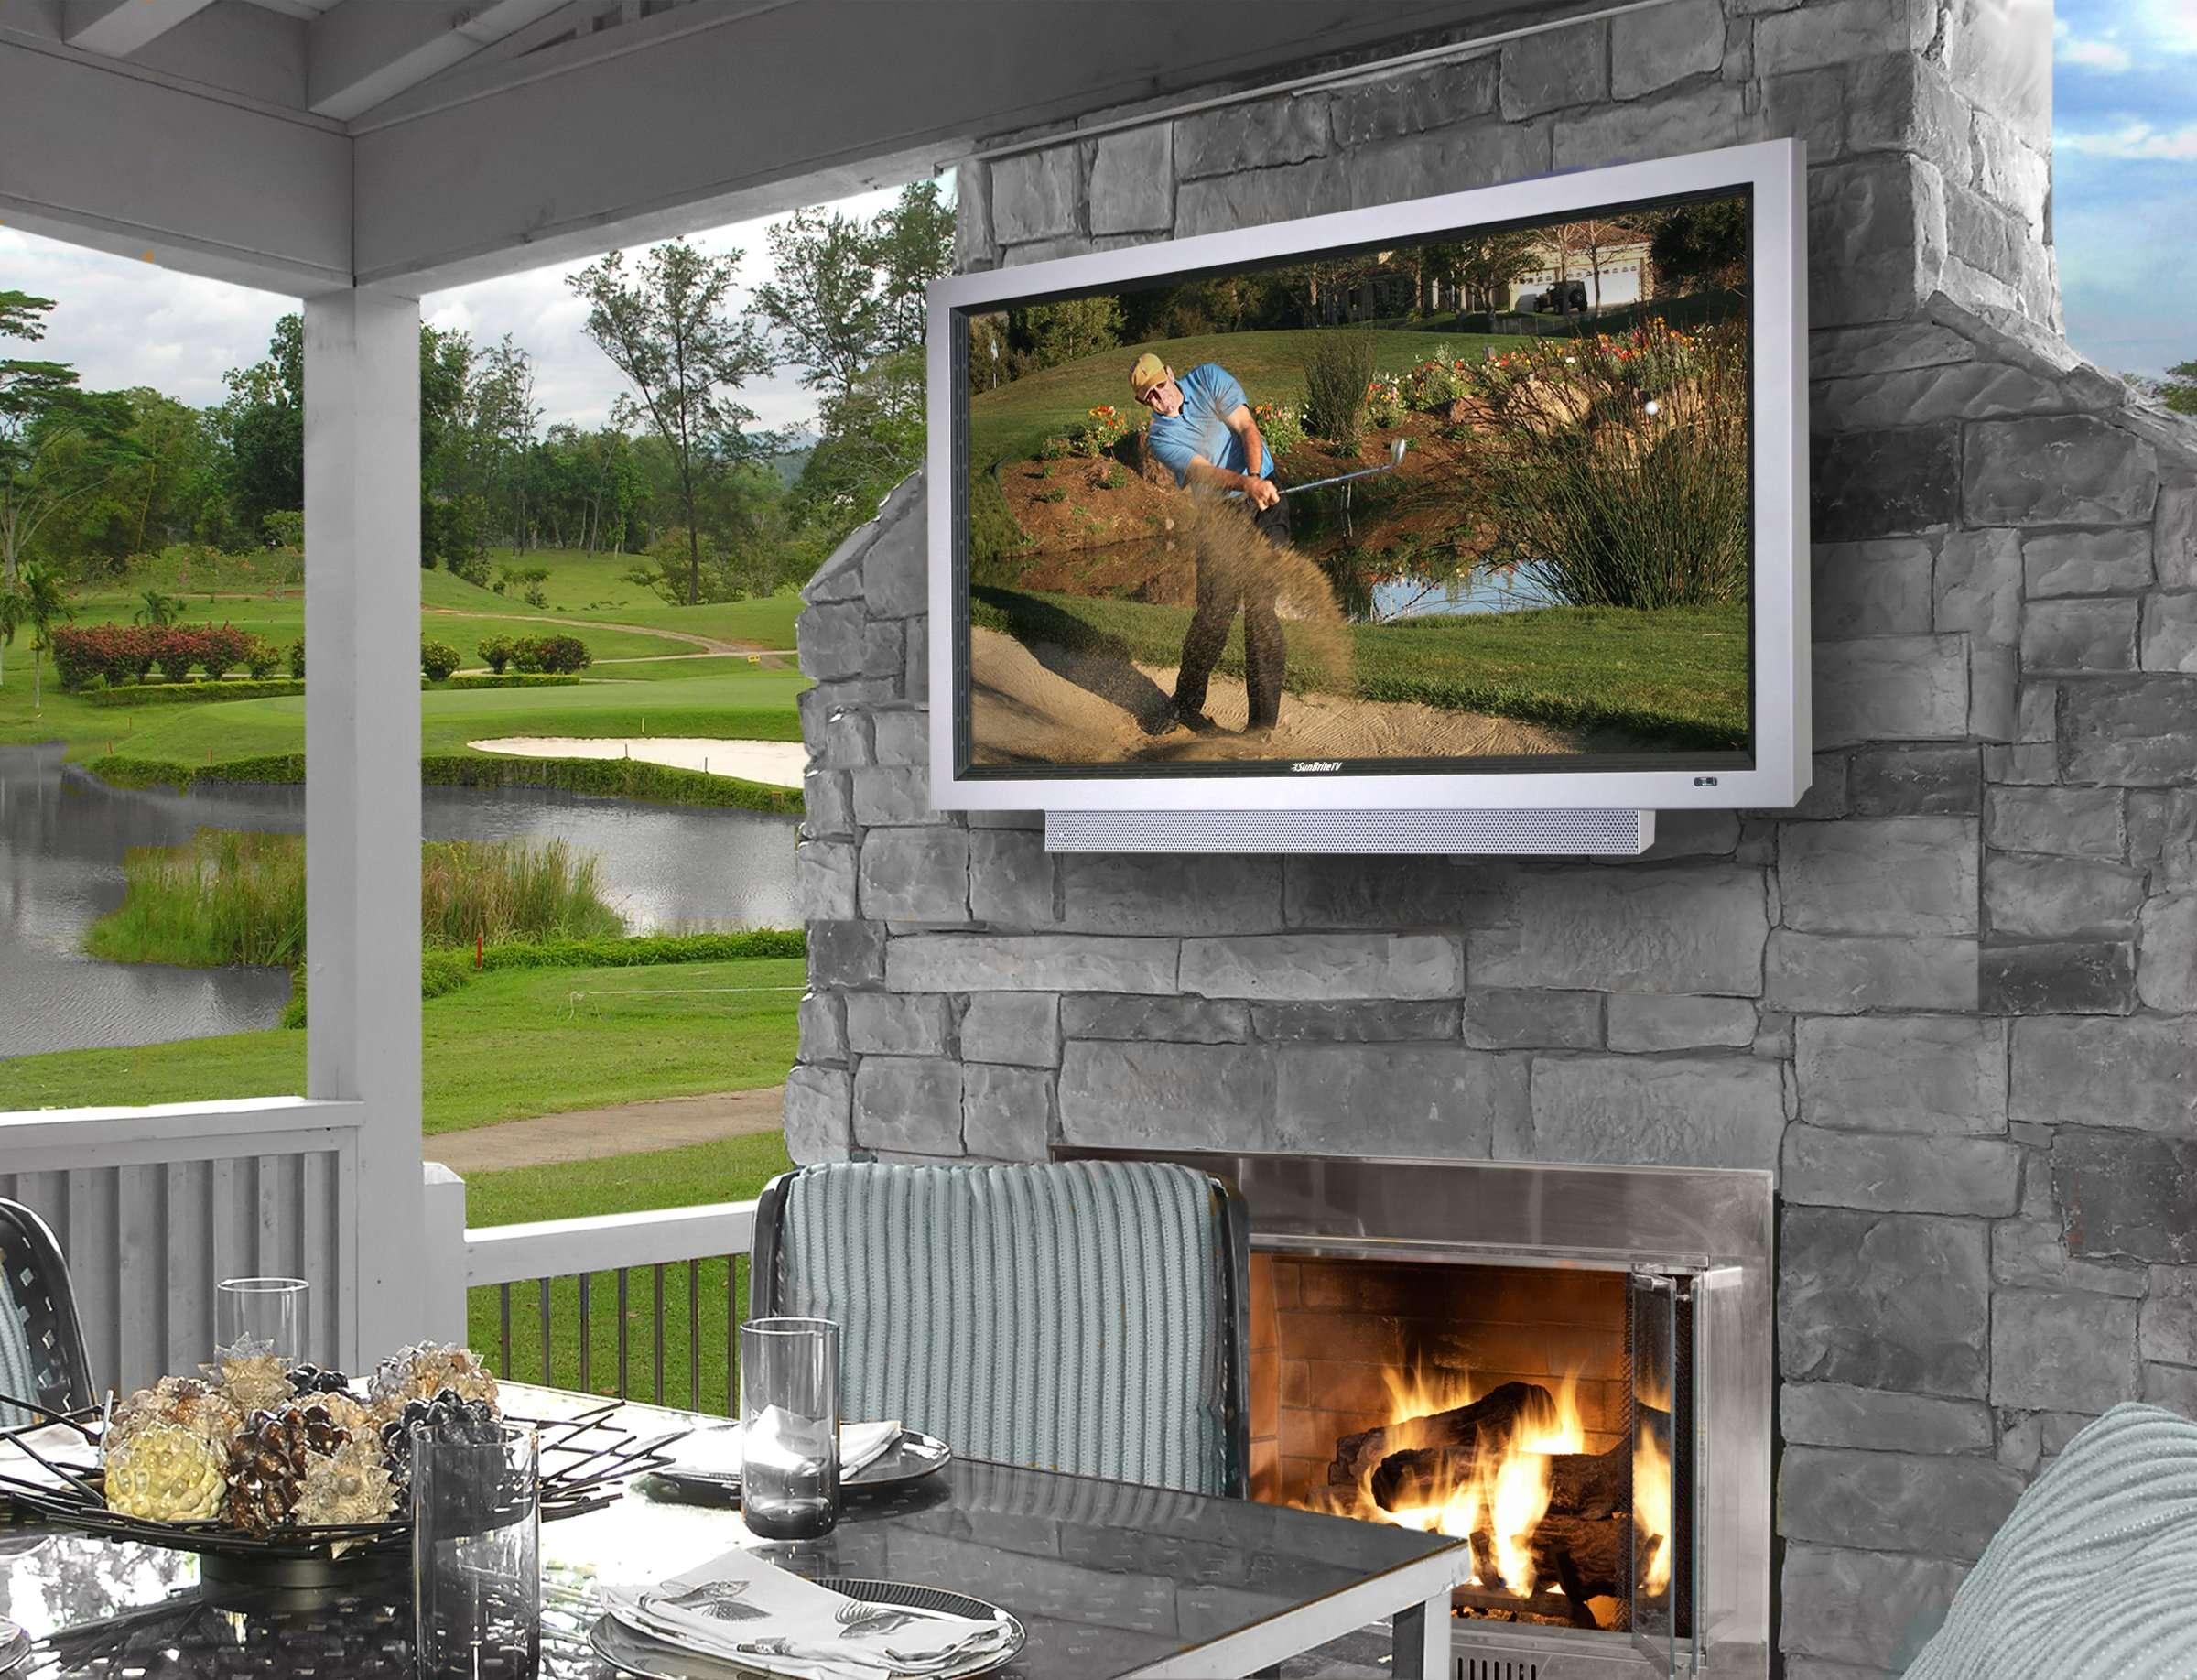 Do I Really Need an Outdoor TV?